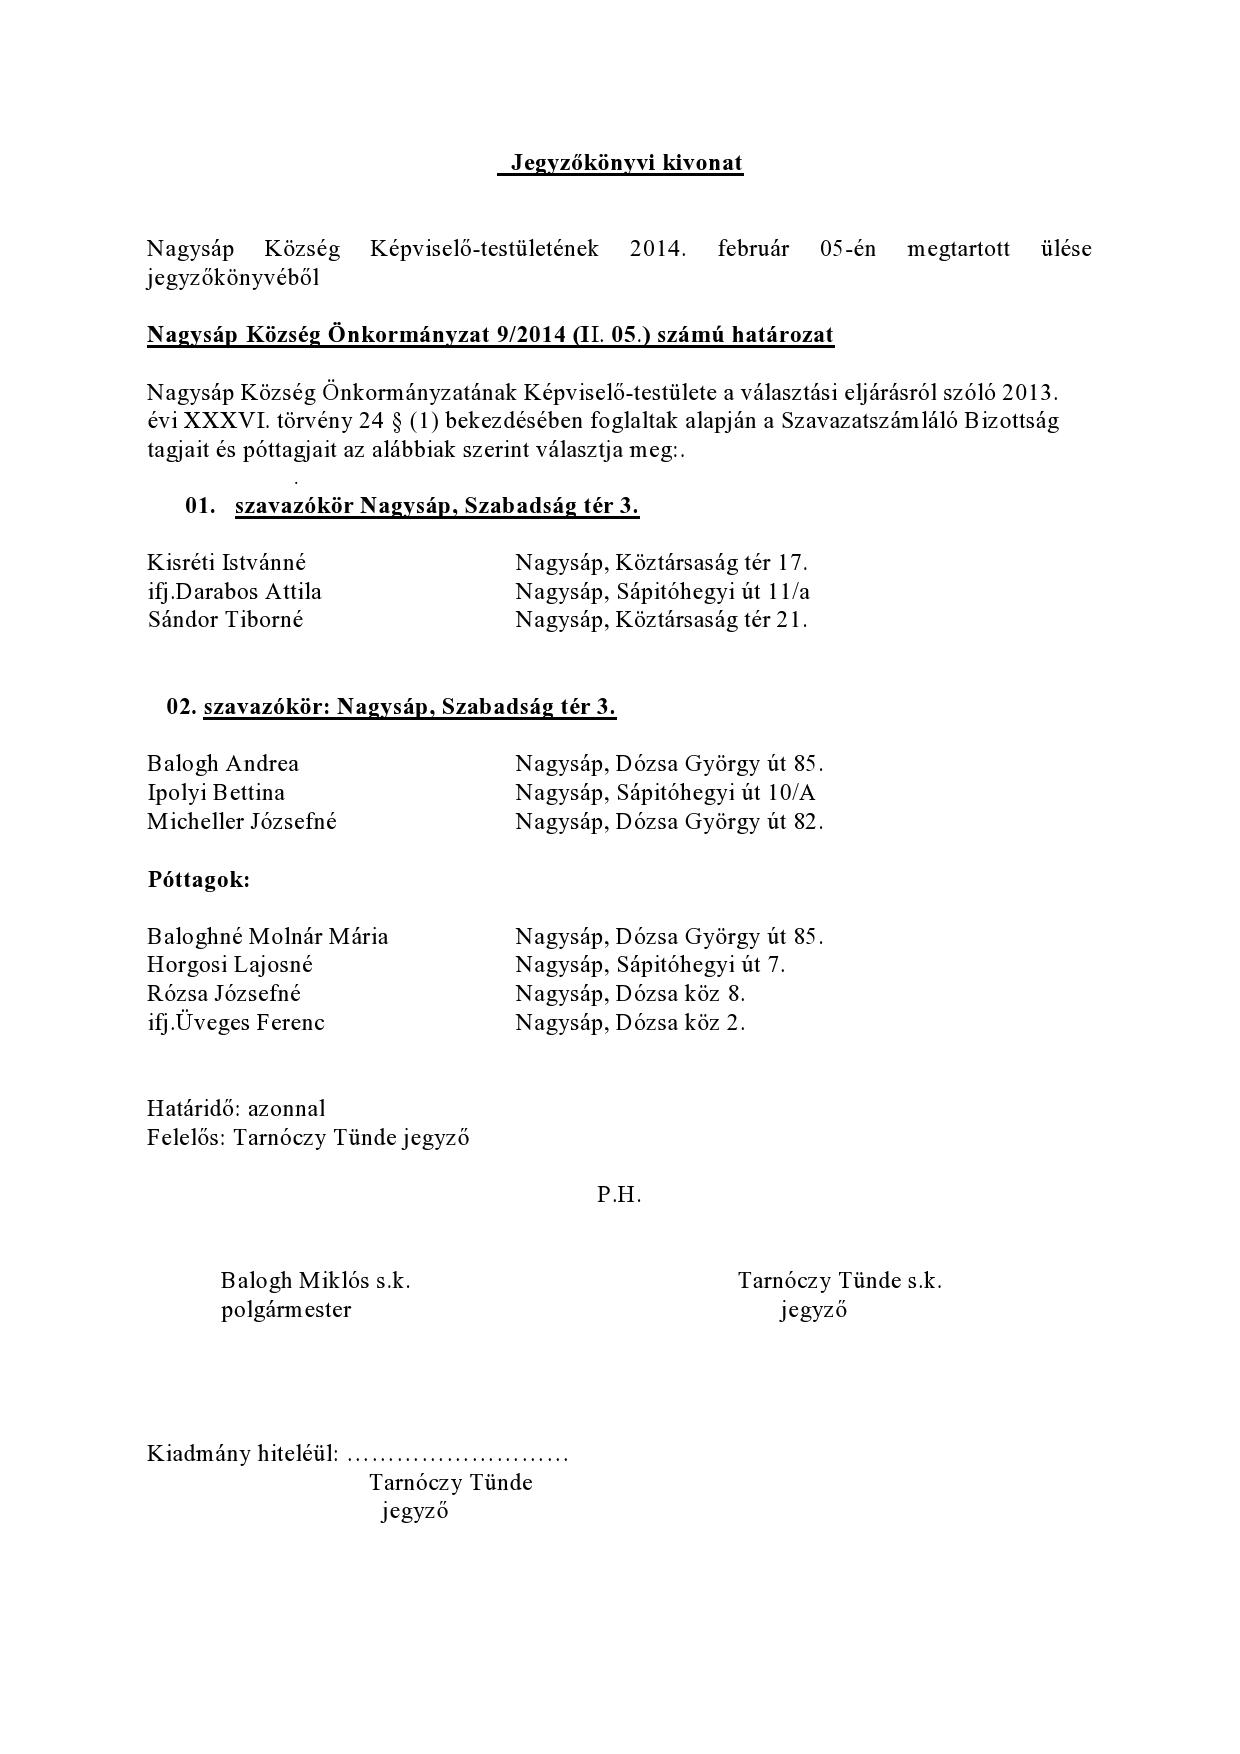 Jegyzőkönyvi kivonat SZSZB-page0001